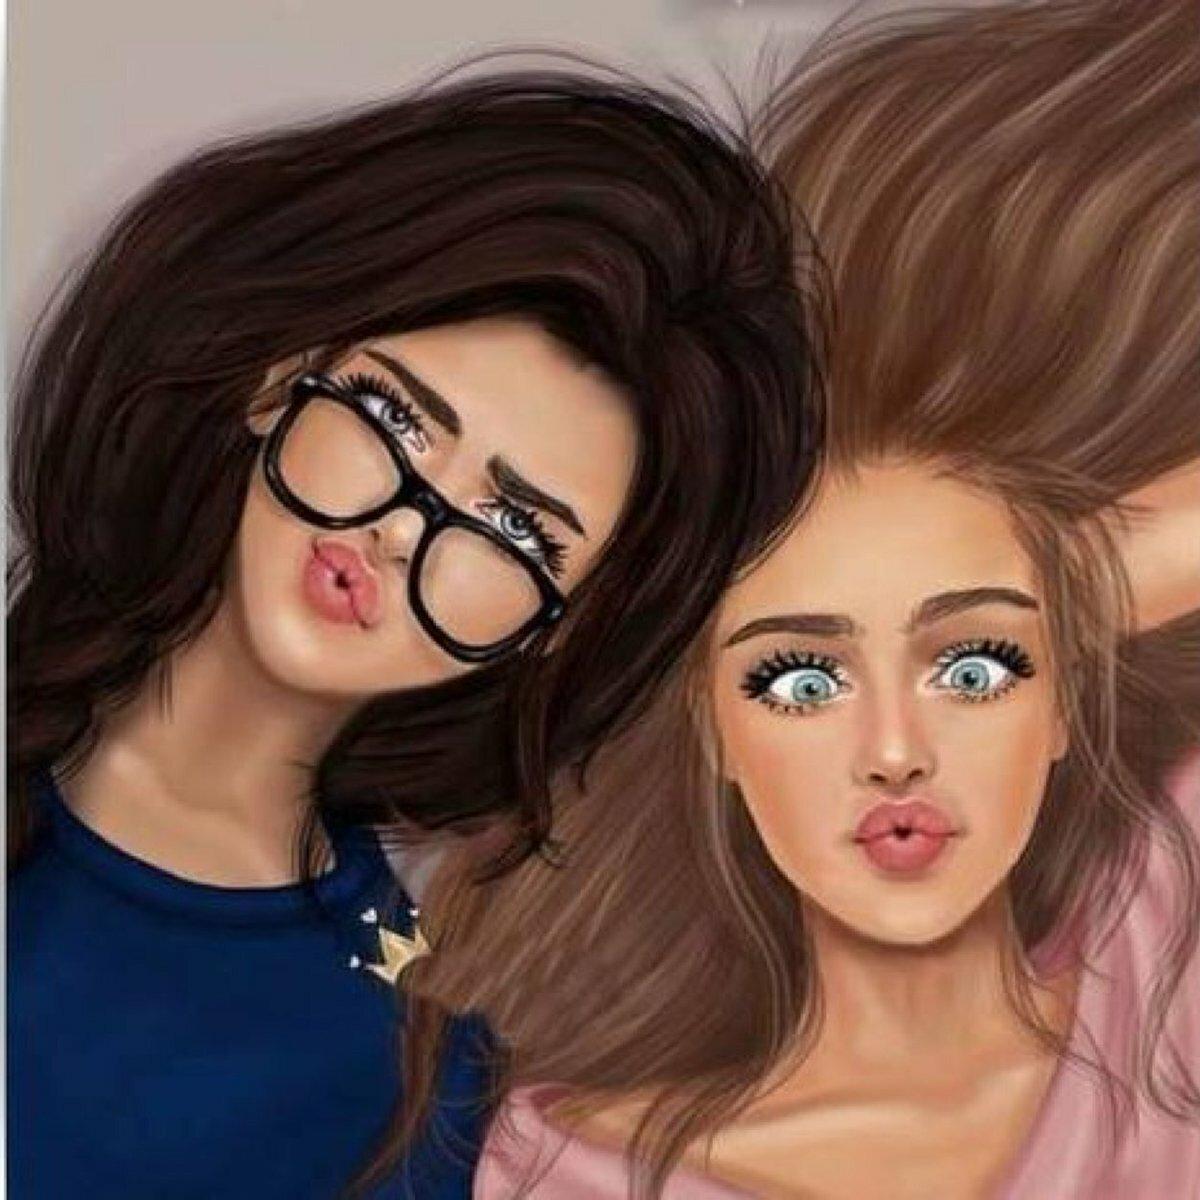 Фото с подружкой картинки нарисованные